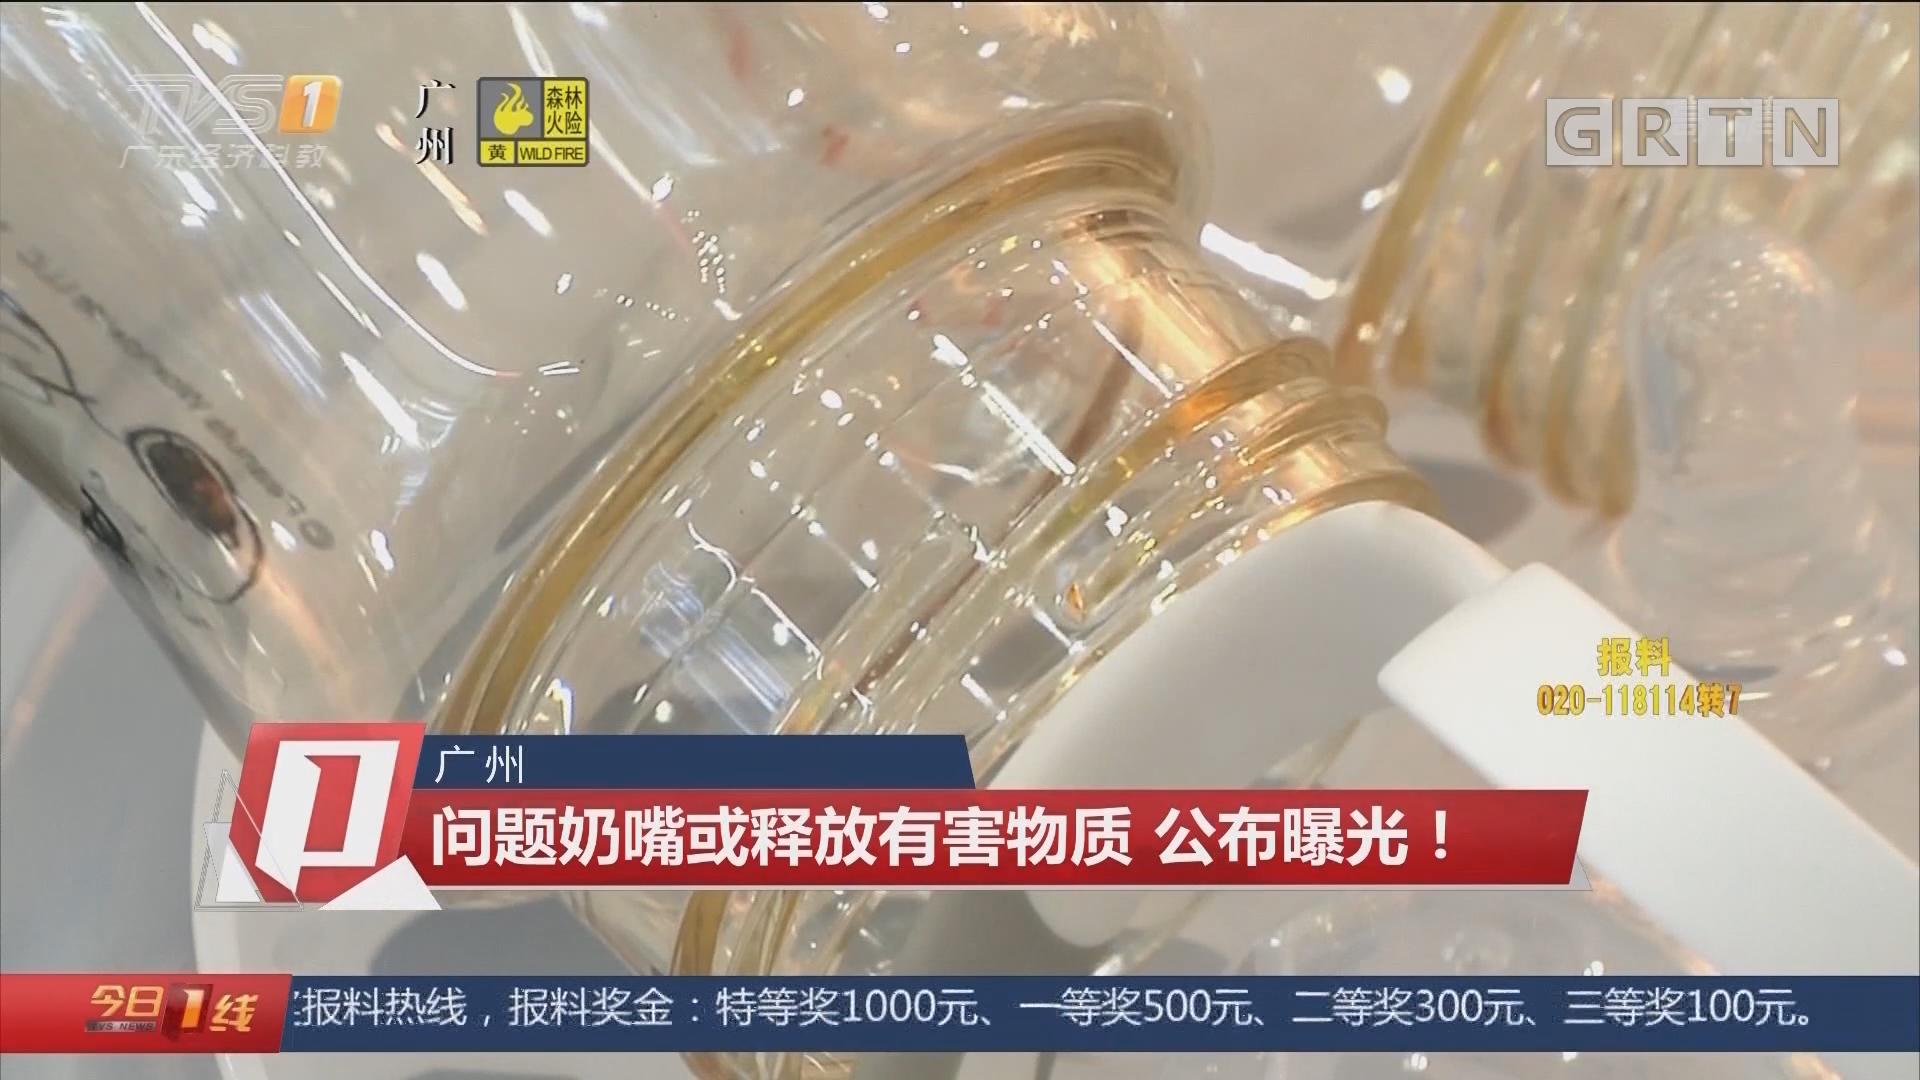 广州 问题奶嘴或释放有害物质 公布曝光!